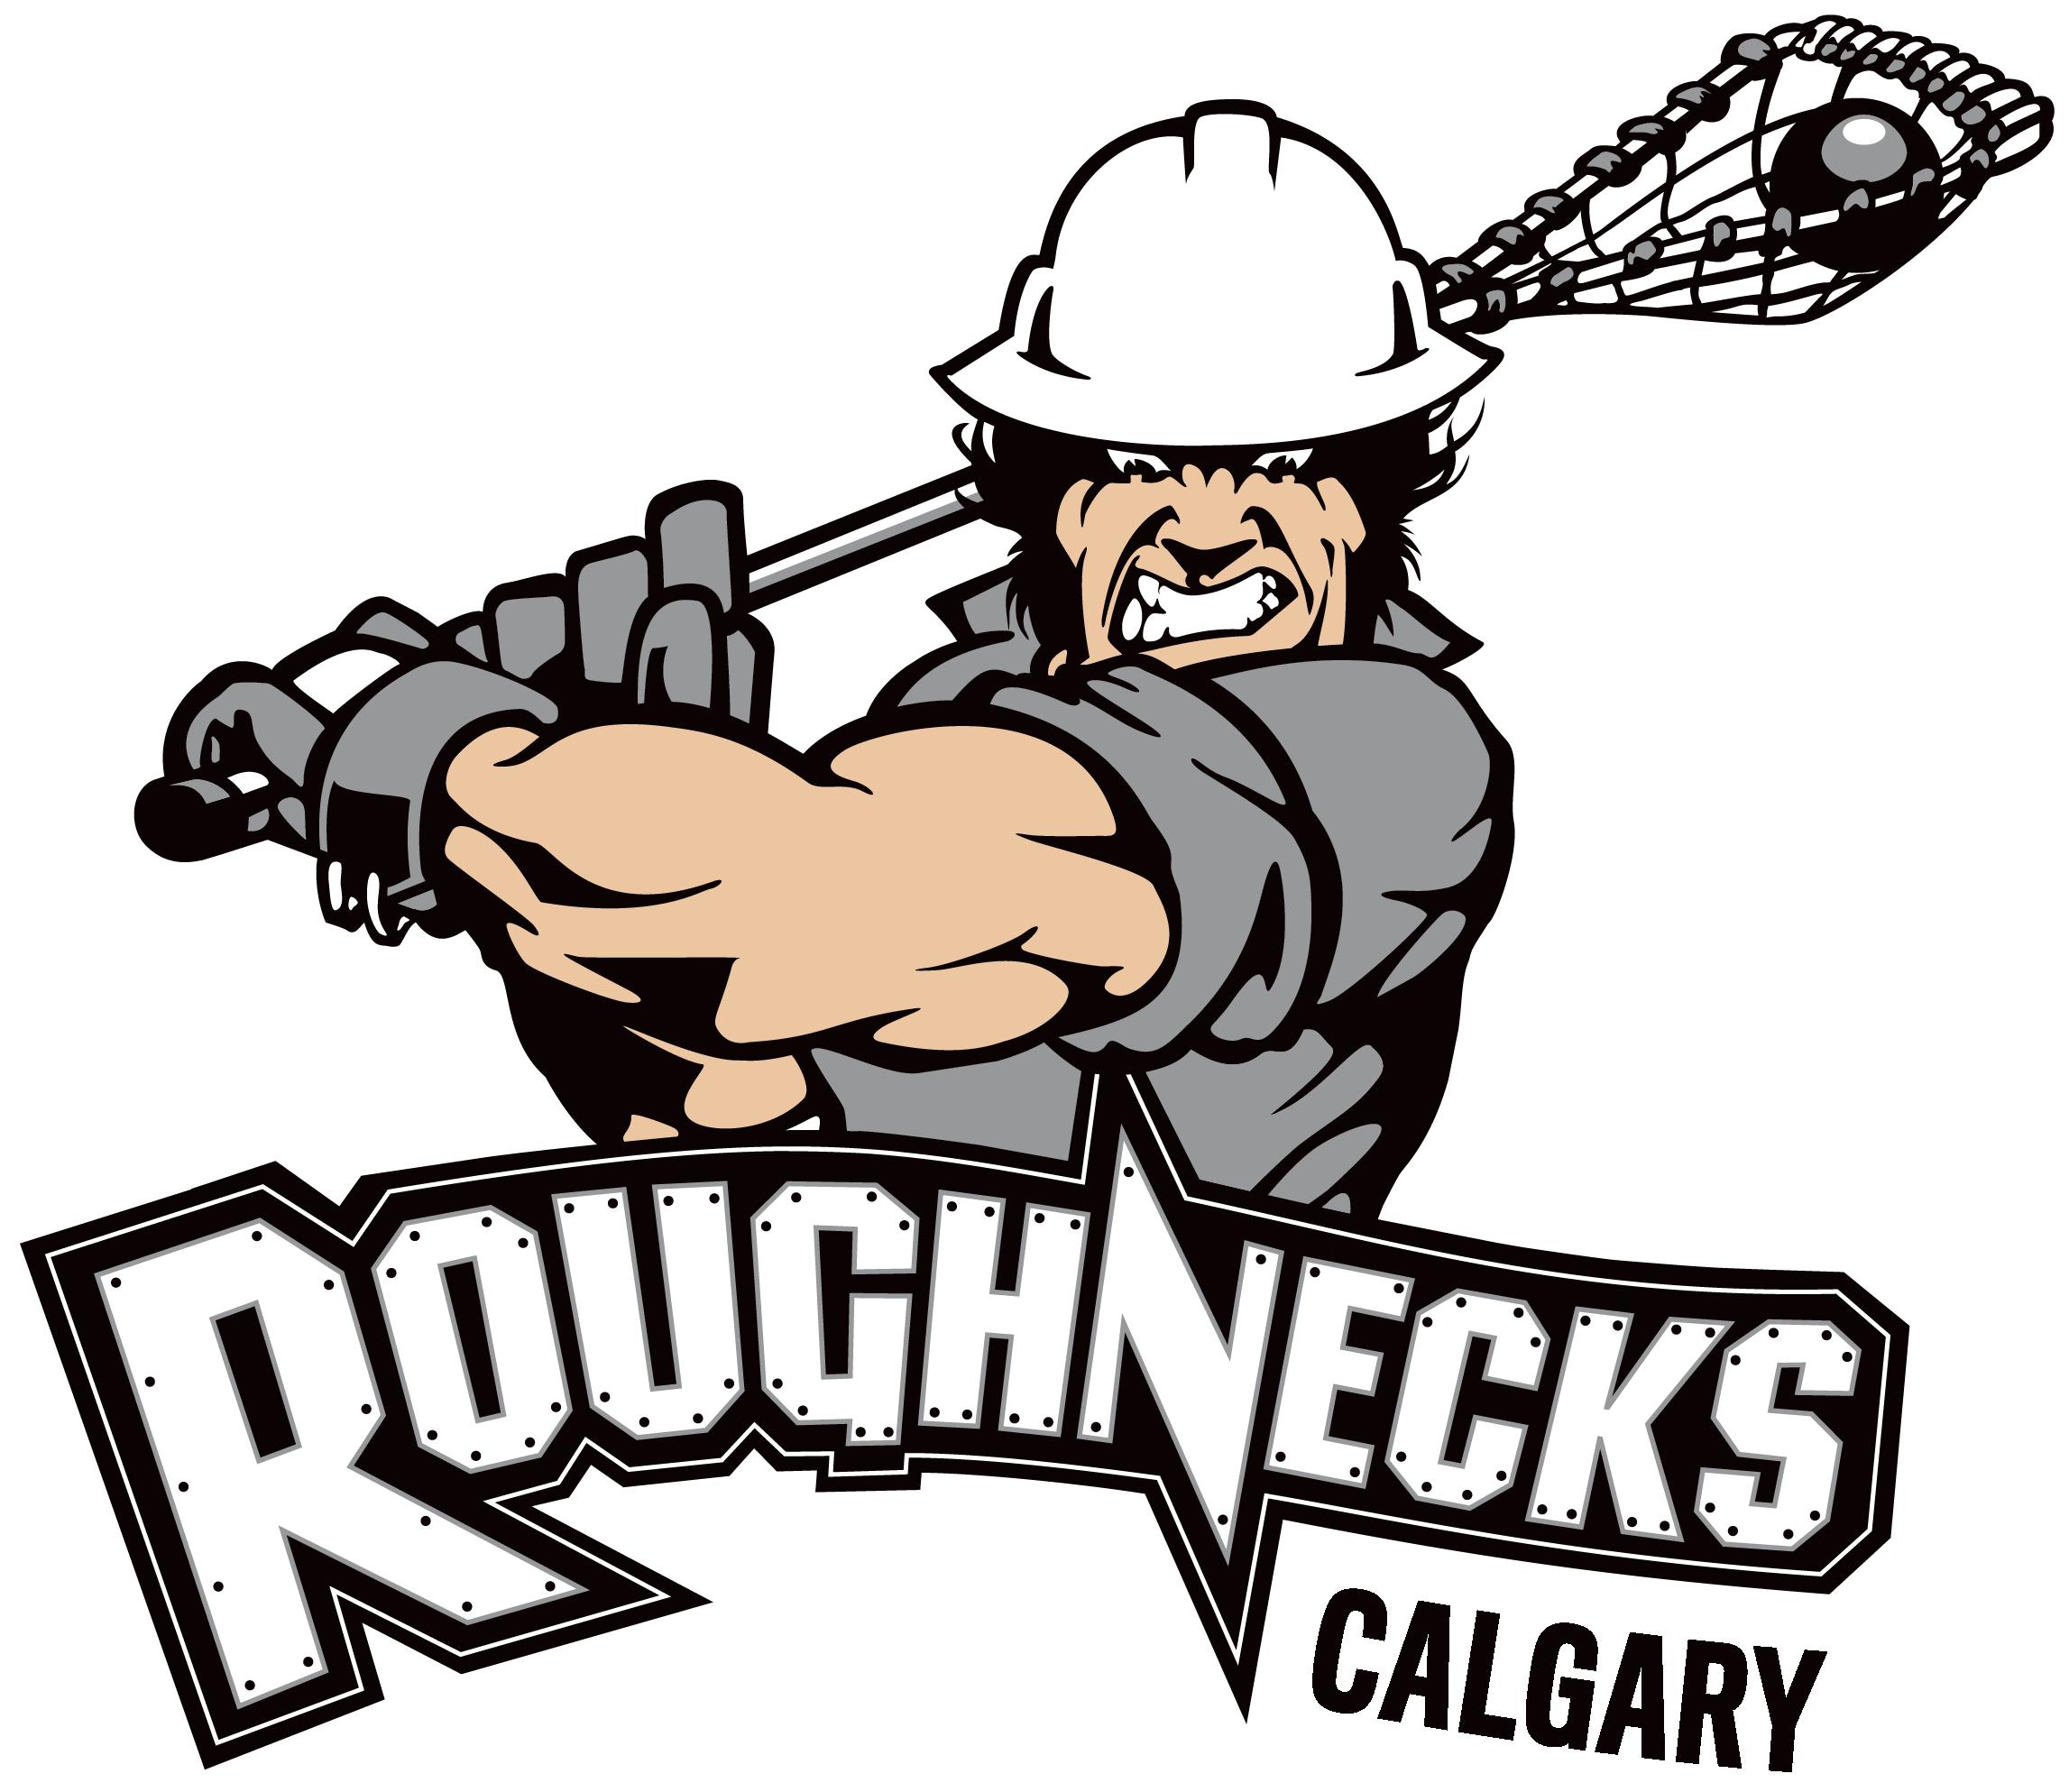 Calgary Roughnecks